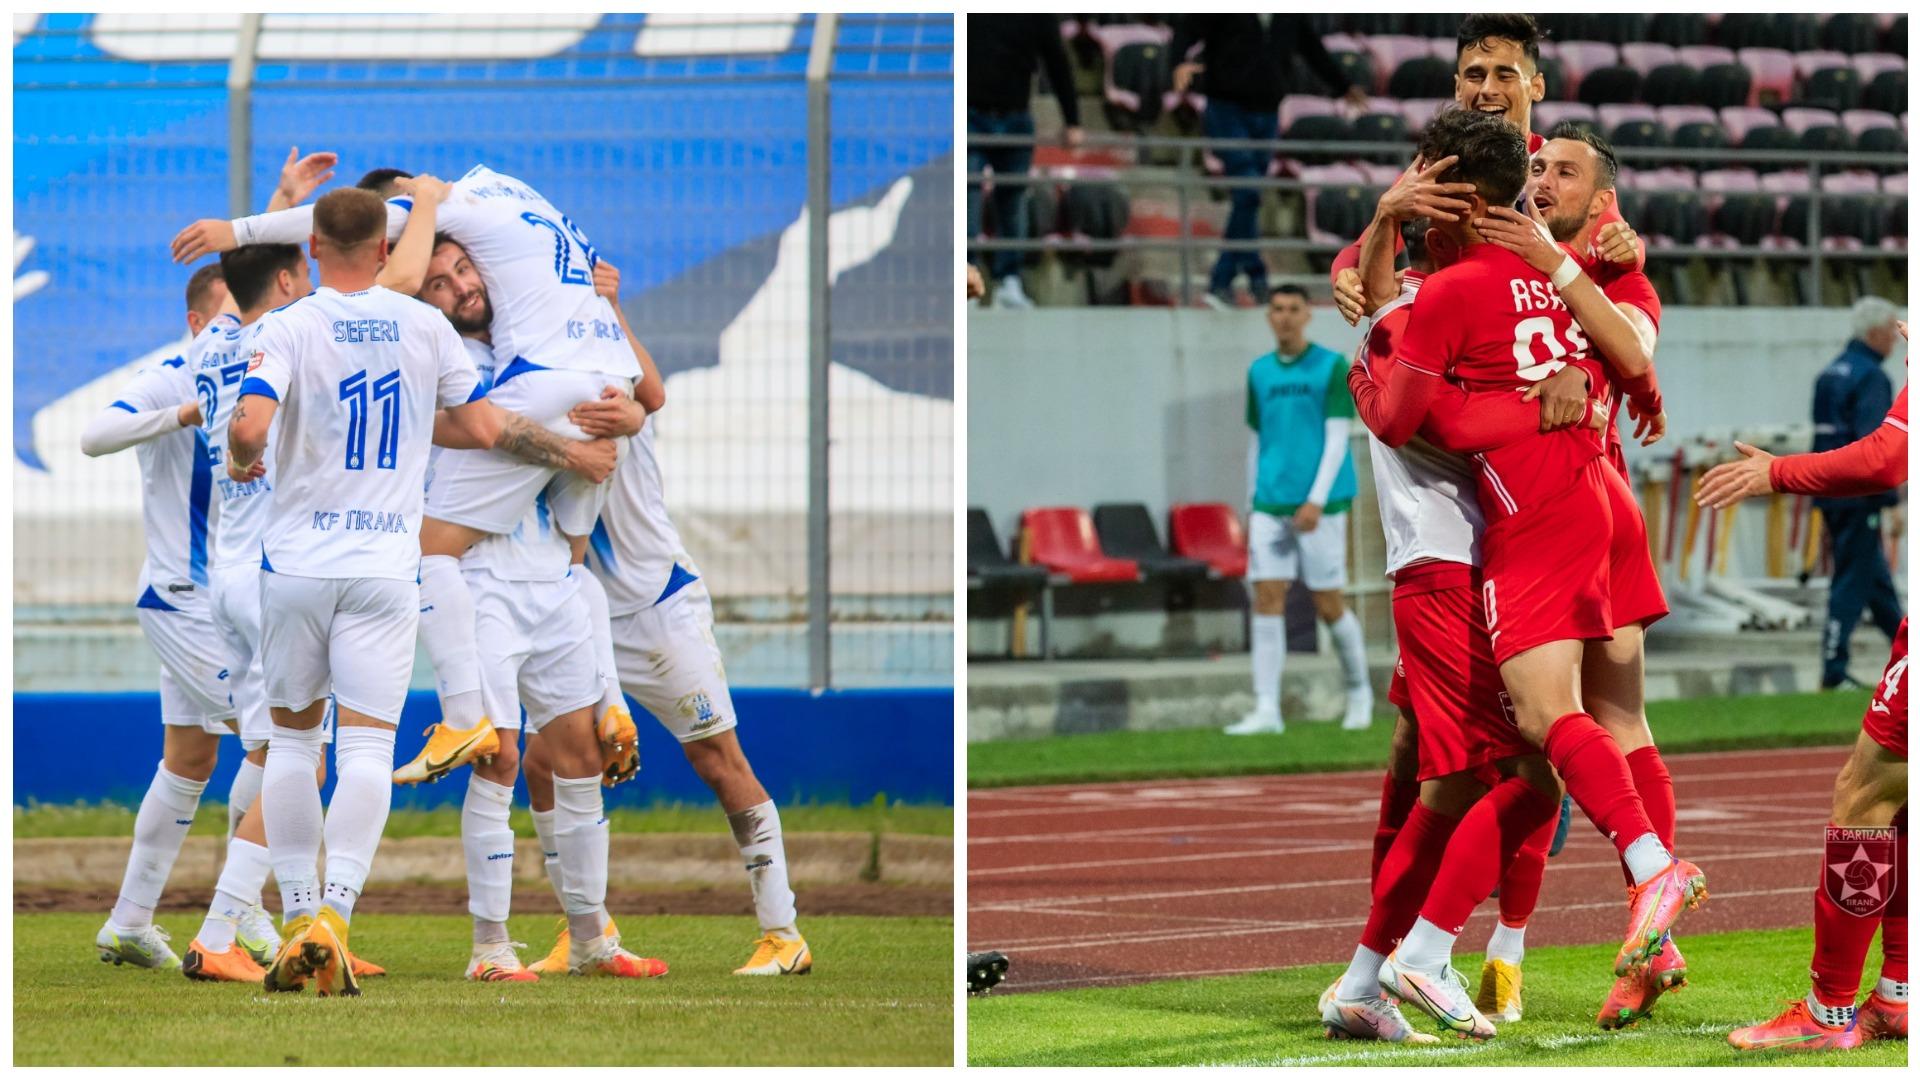 Seferi te Tirana edhe sezonin e ardhshëm, te Partizani konfirmohet largimi i dytë